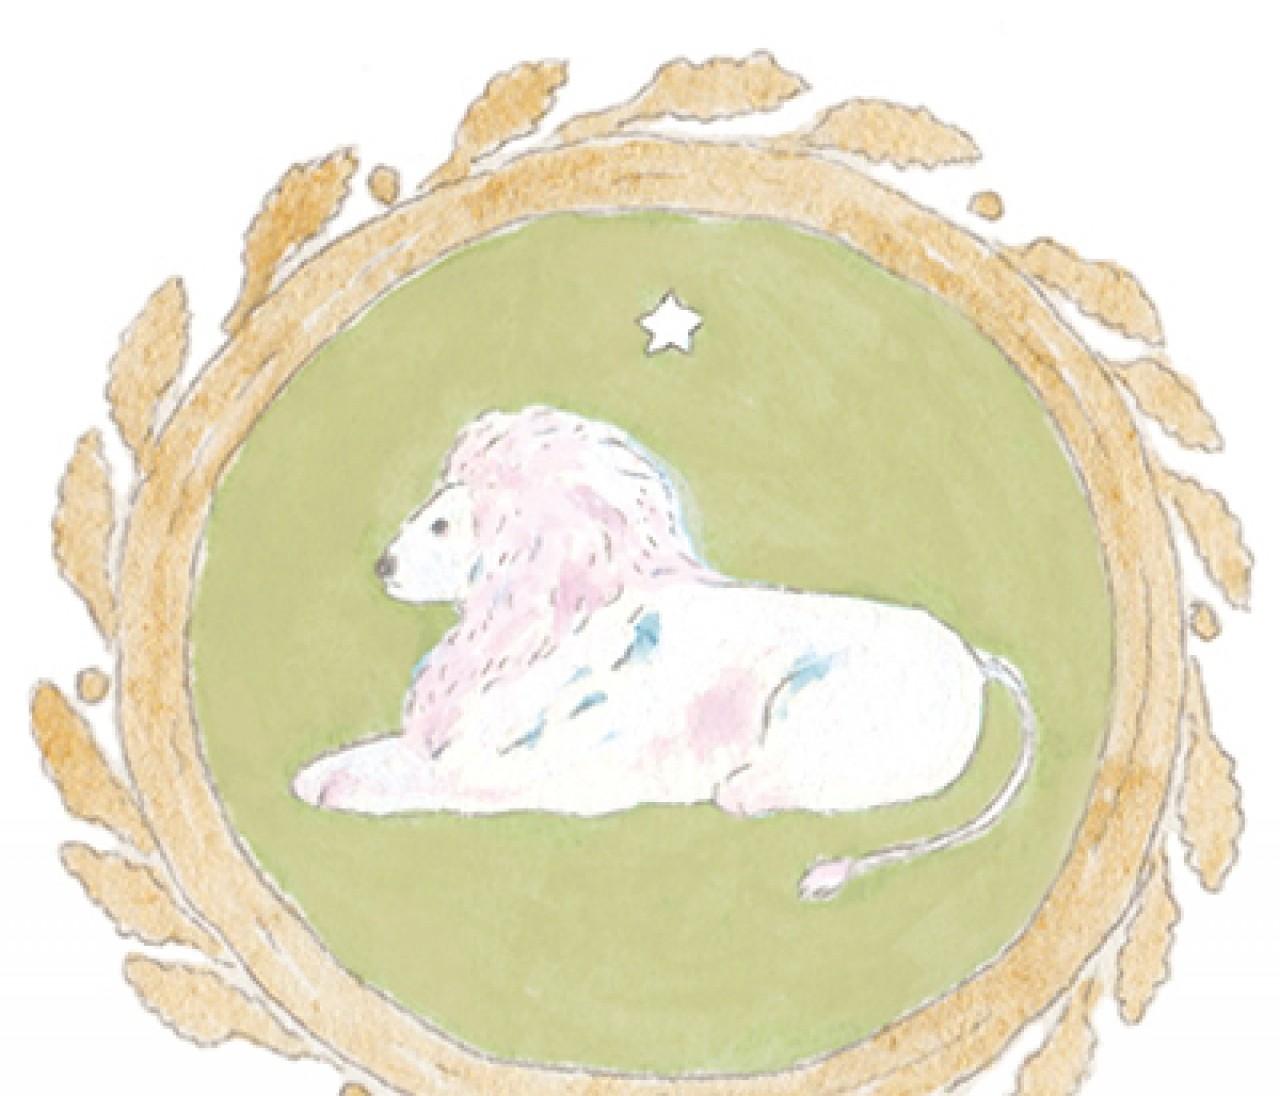 【獅子座】鏡リュウジの12星座別ホロスコープ(2019年4月12日〜5月10日)